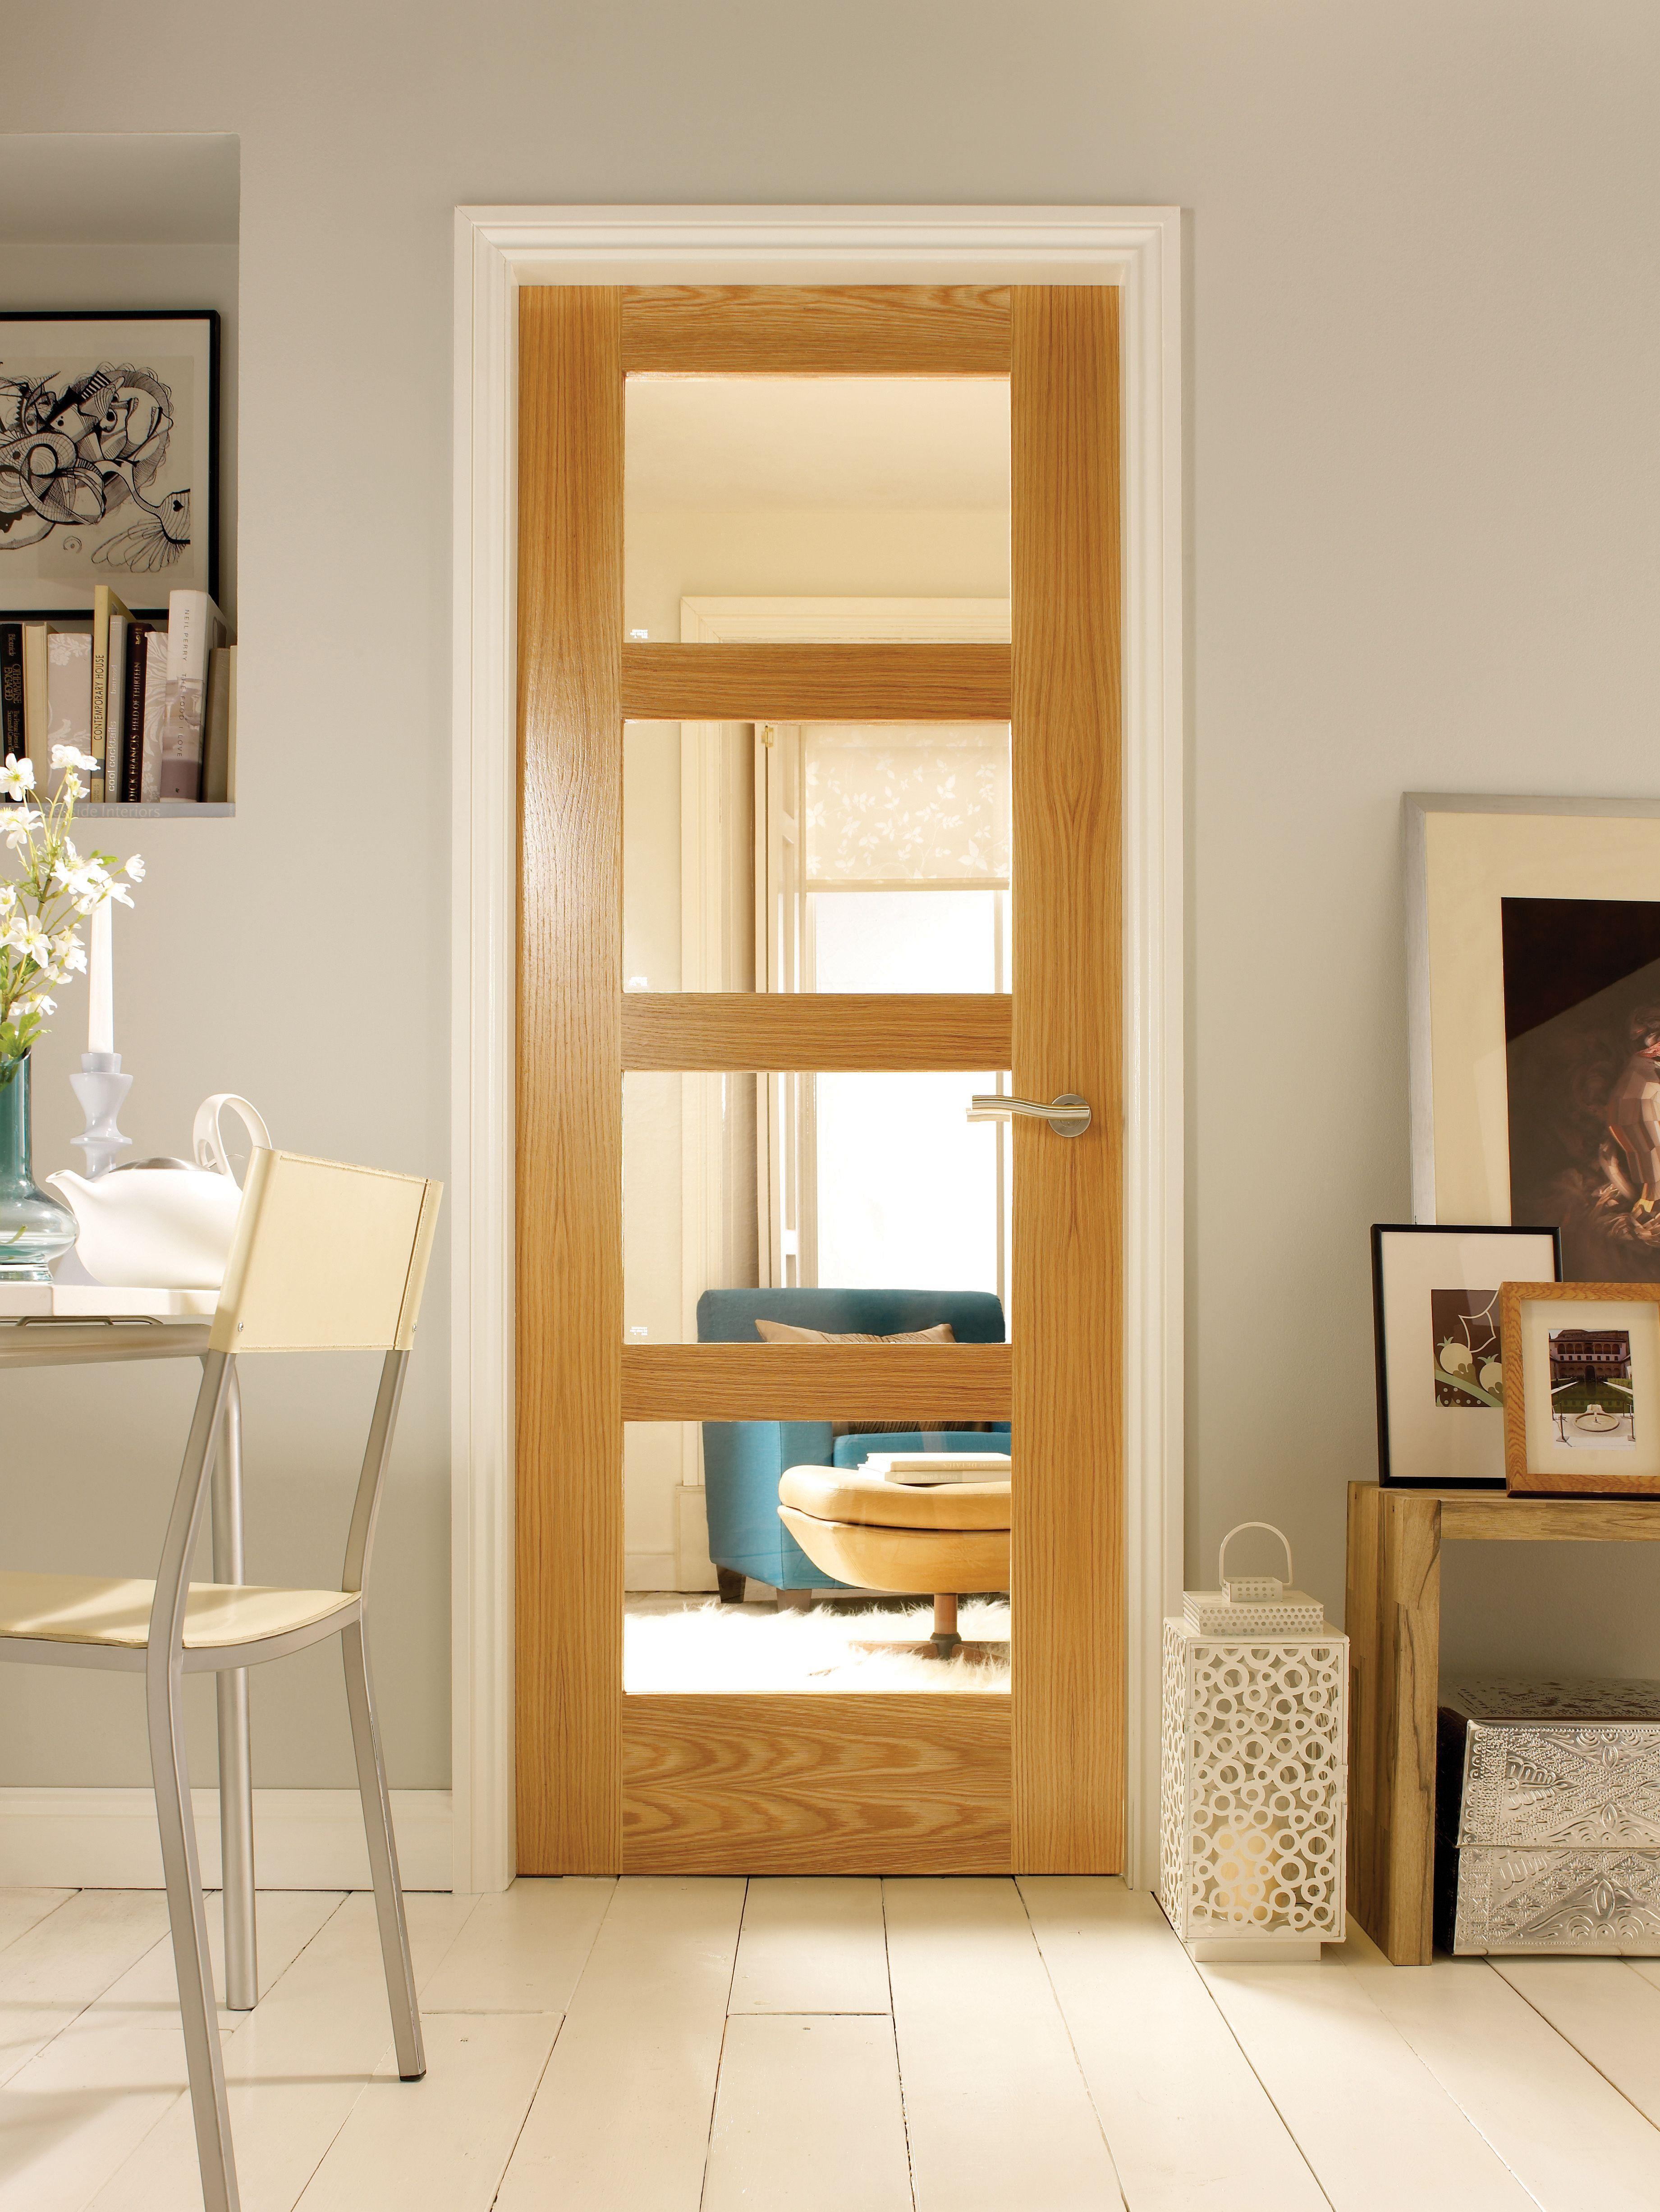 Wickes Marlow Internal Oak Veneer Door Clear Glazed 4 Panel 1981x686mm Wickes Co Uk Oak Doors Internal Oak Doors Internal Glass Doors